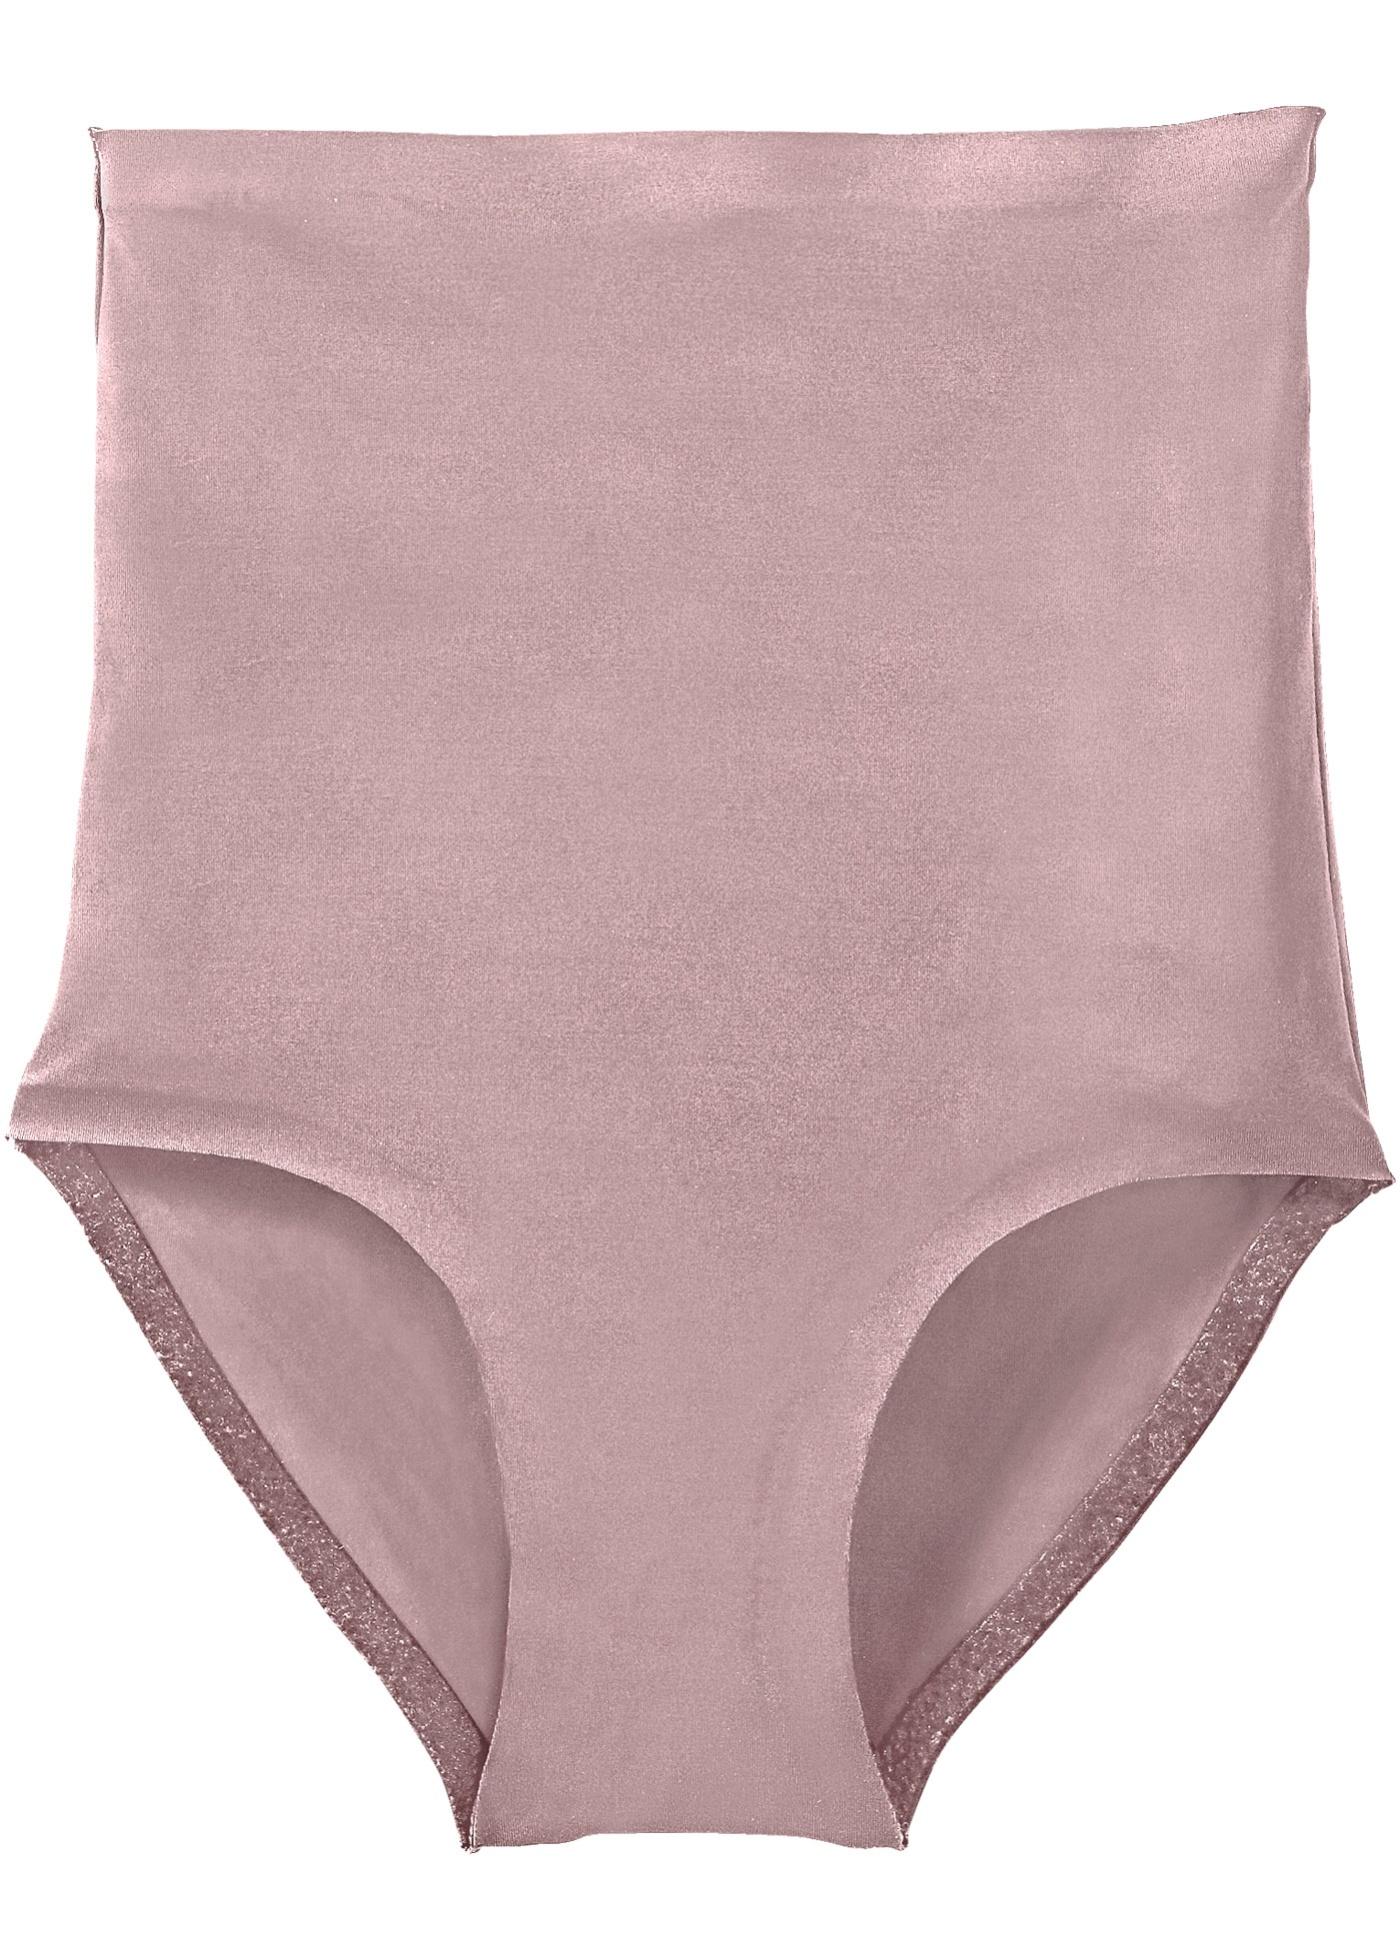 Slip Pour Bpc Femme Bonprix De CollectionNice Size Maintien Rose PkiOXZwuT